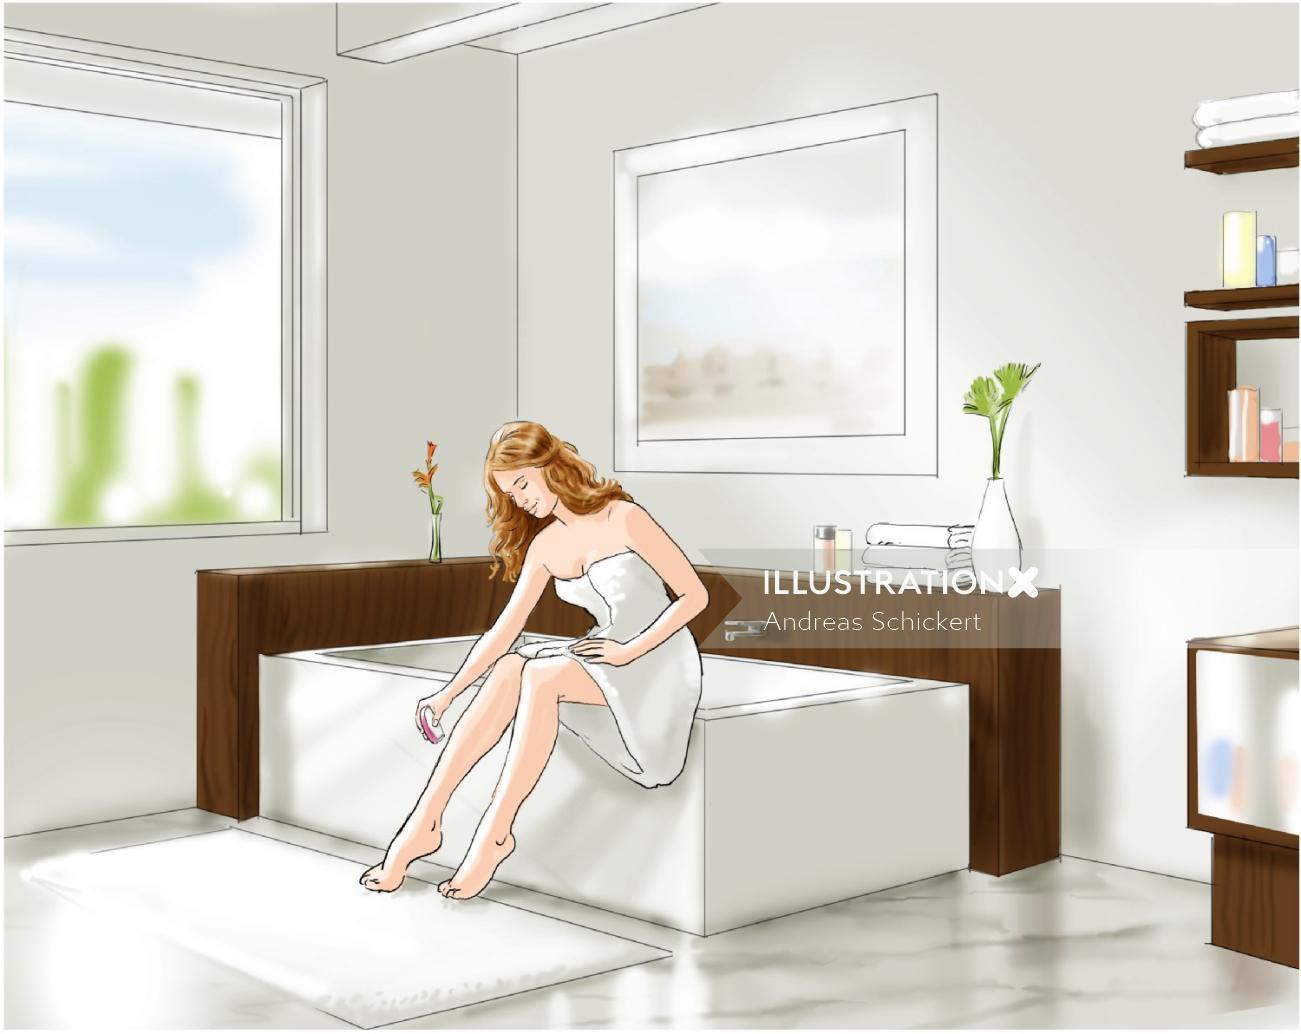 woman sitting in bathroom